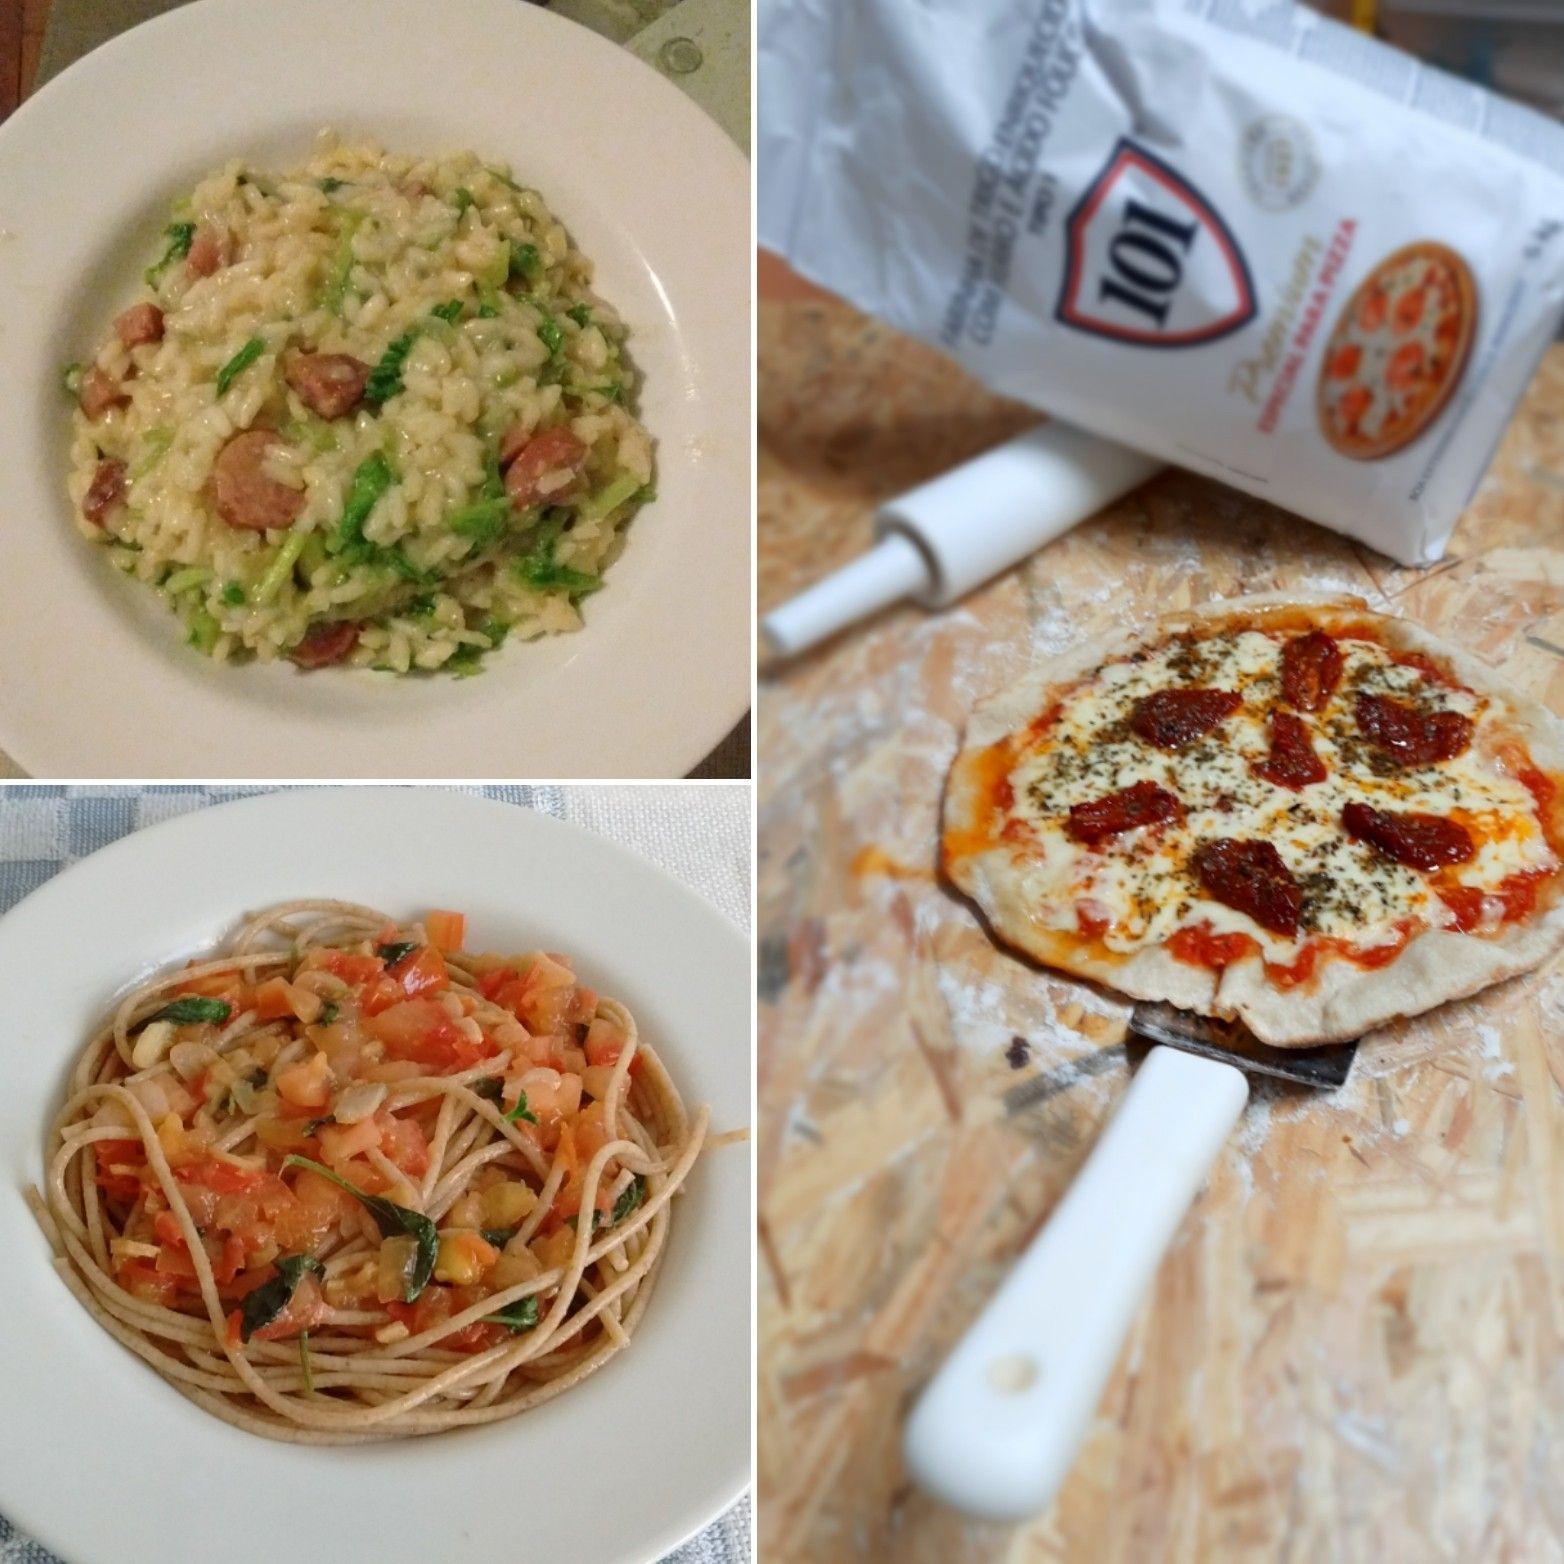 Risotto, espagueti e pizza com massa caseira.